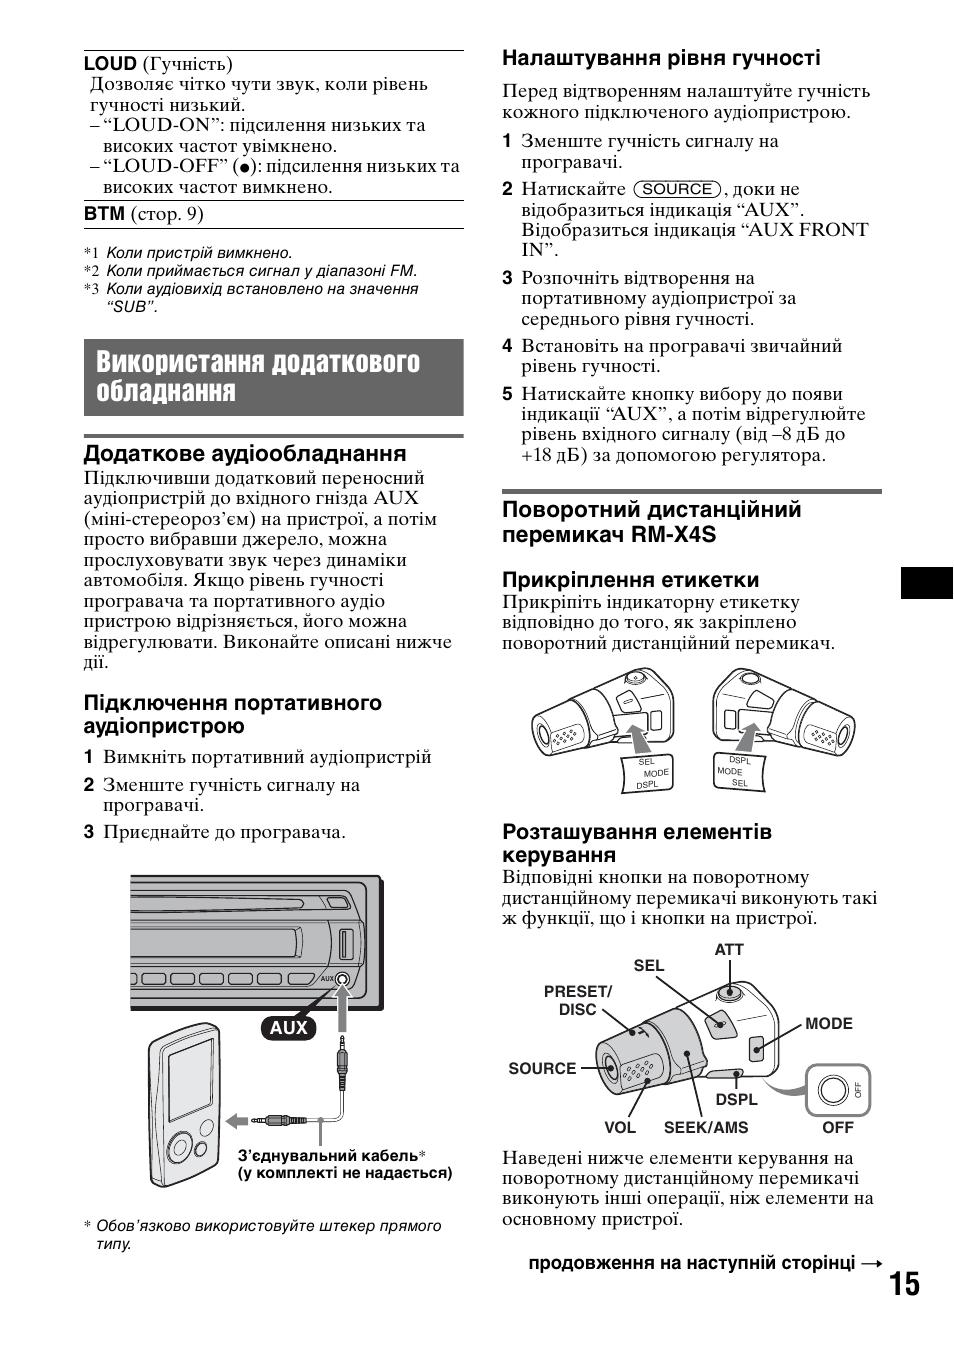 инструкция по эксплуатации автомагнитолы sony